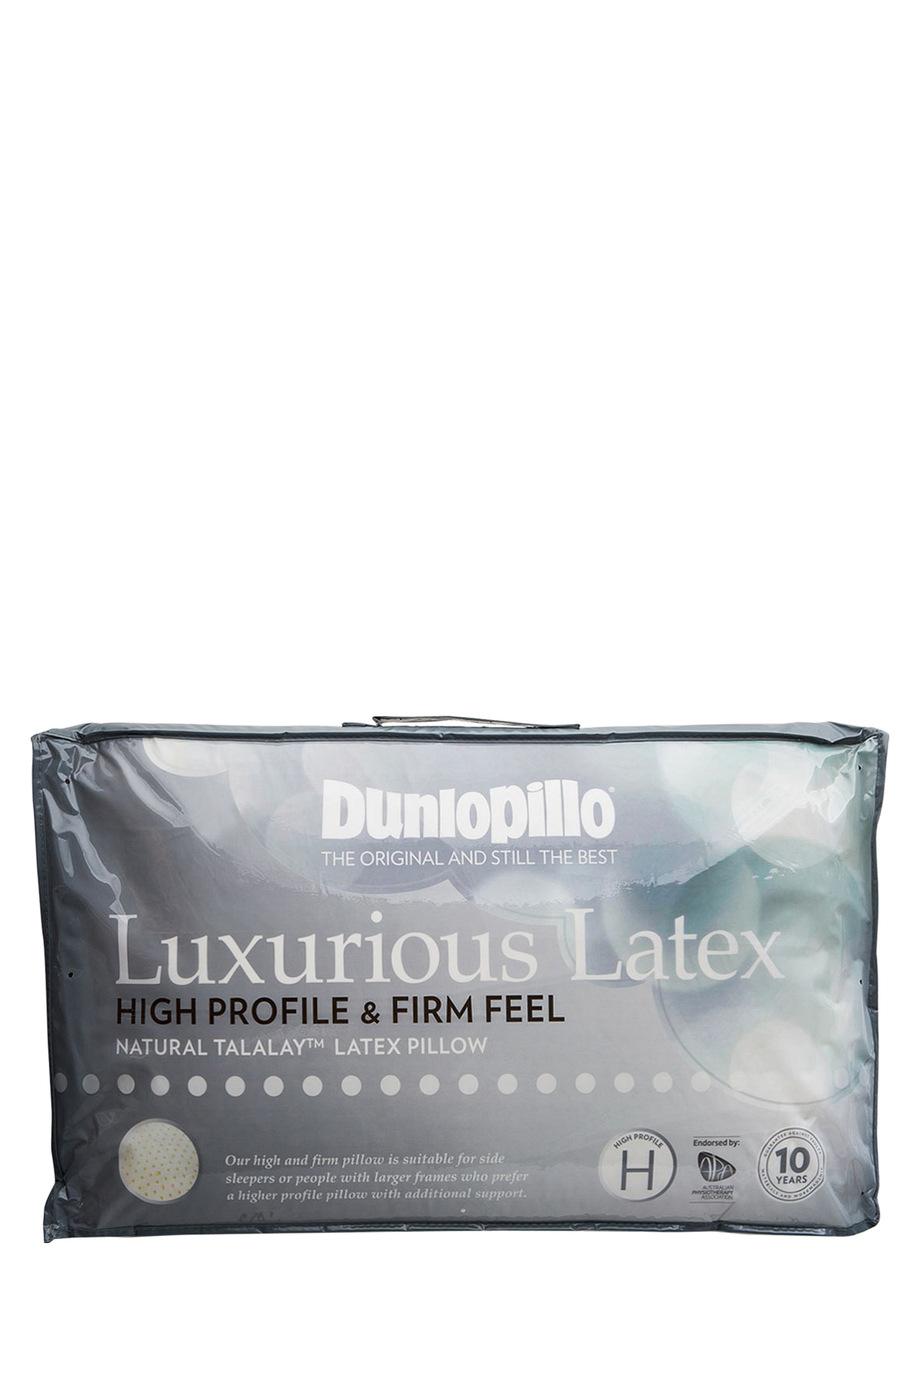 Dunlopillo latex high profile pillow in firm feel myer online - Dunlopillo 100 latex ...